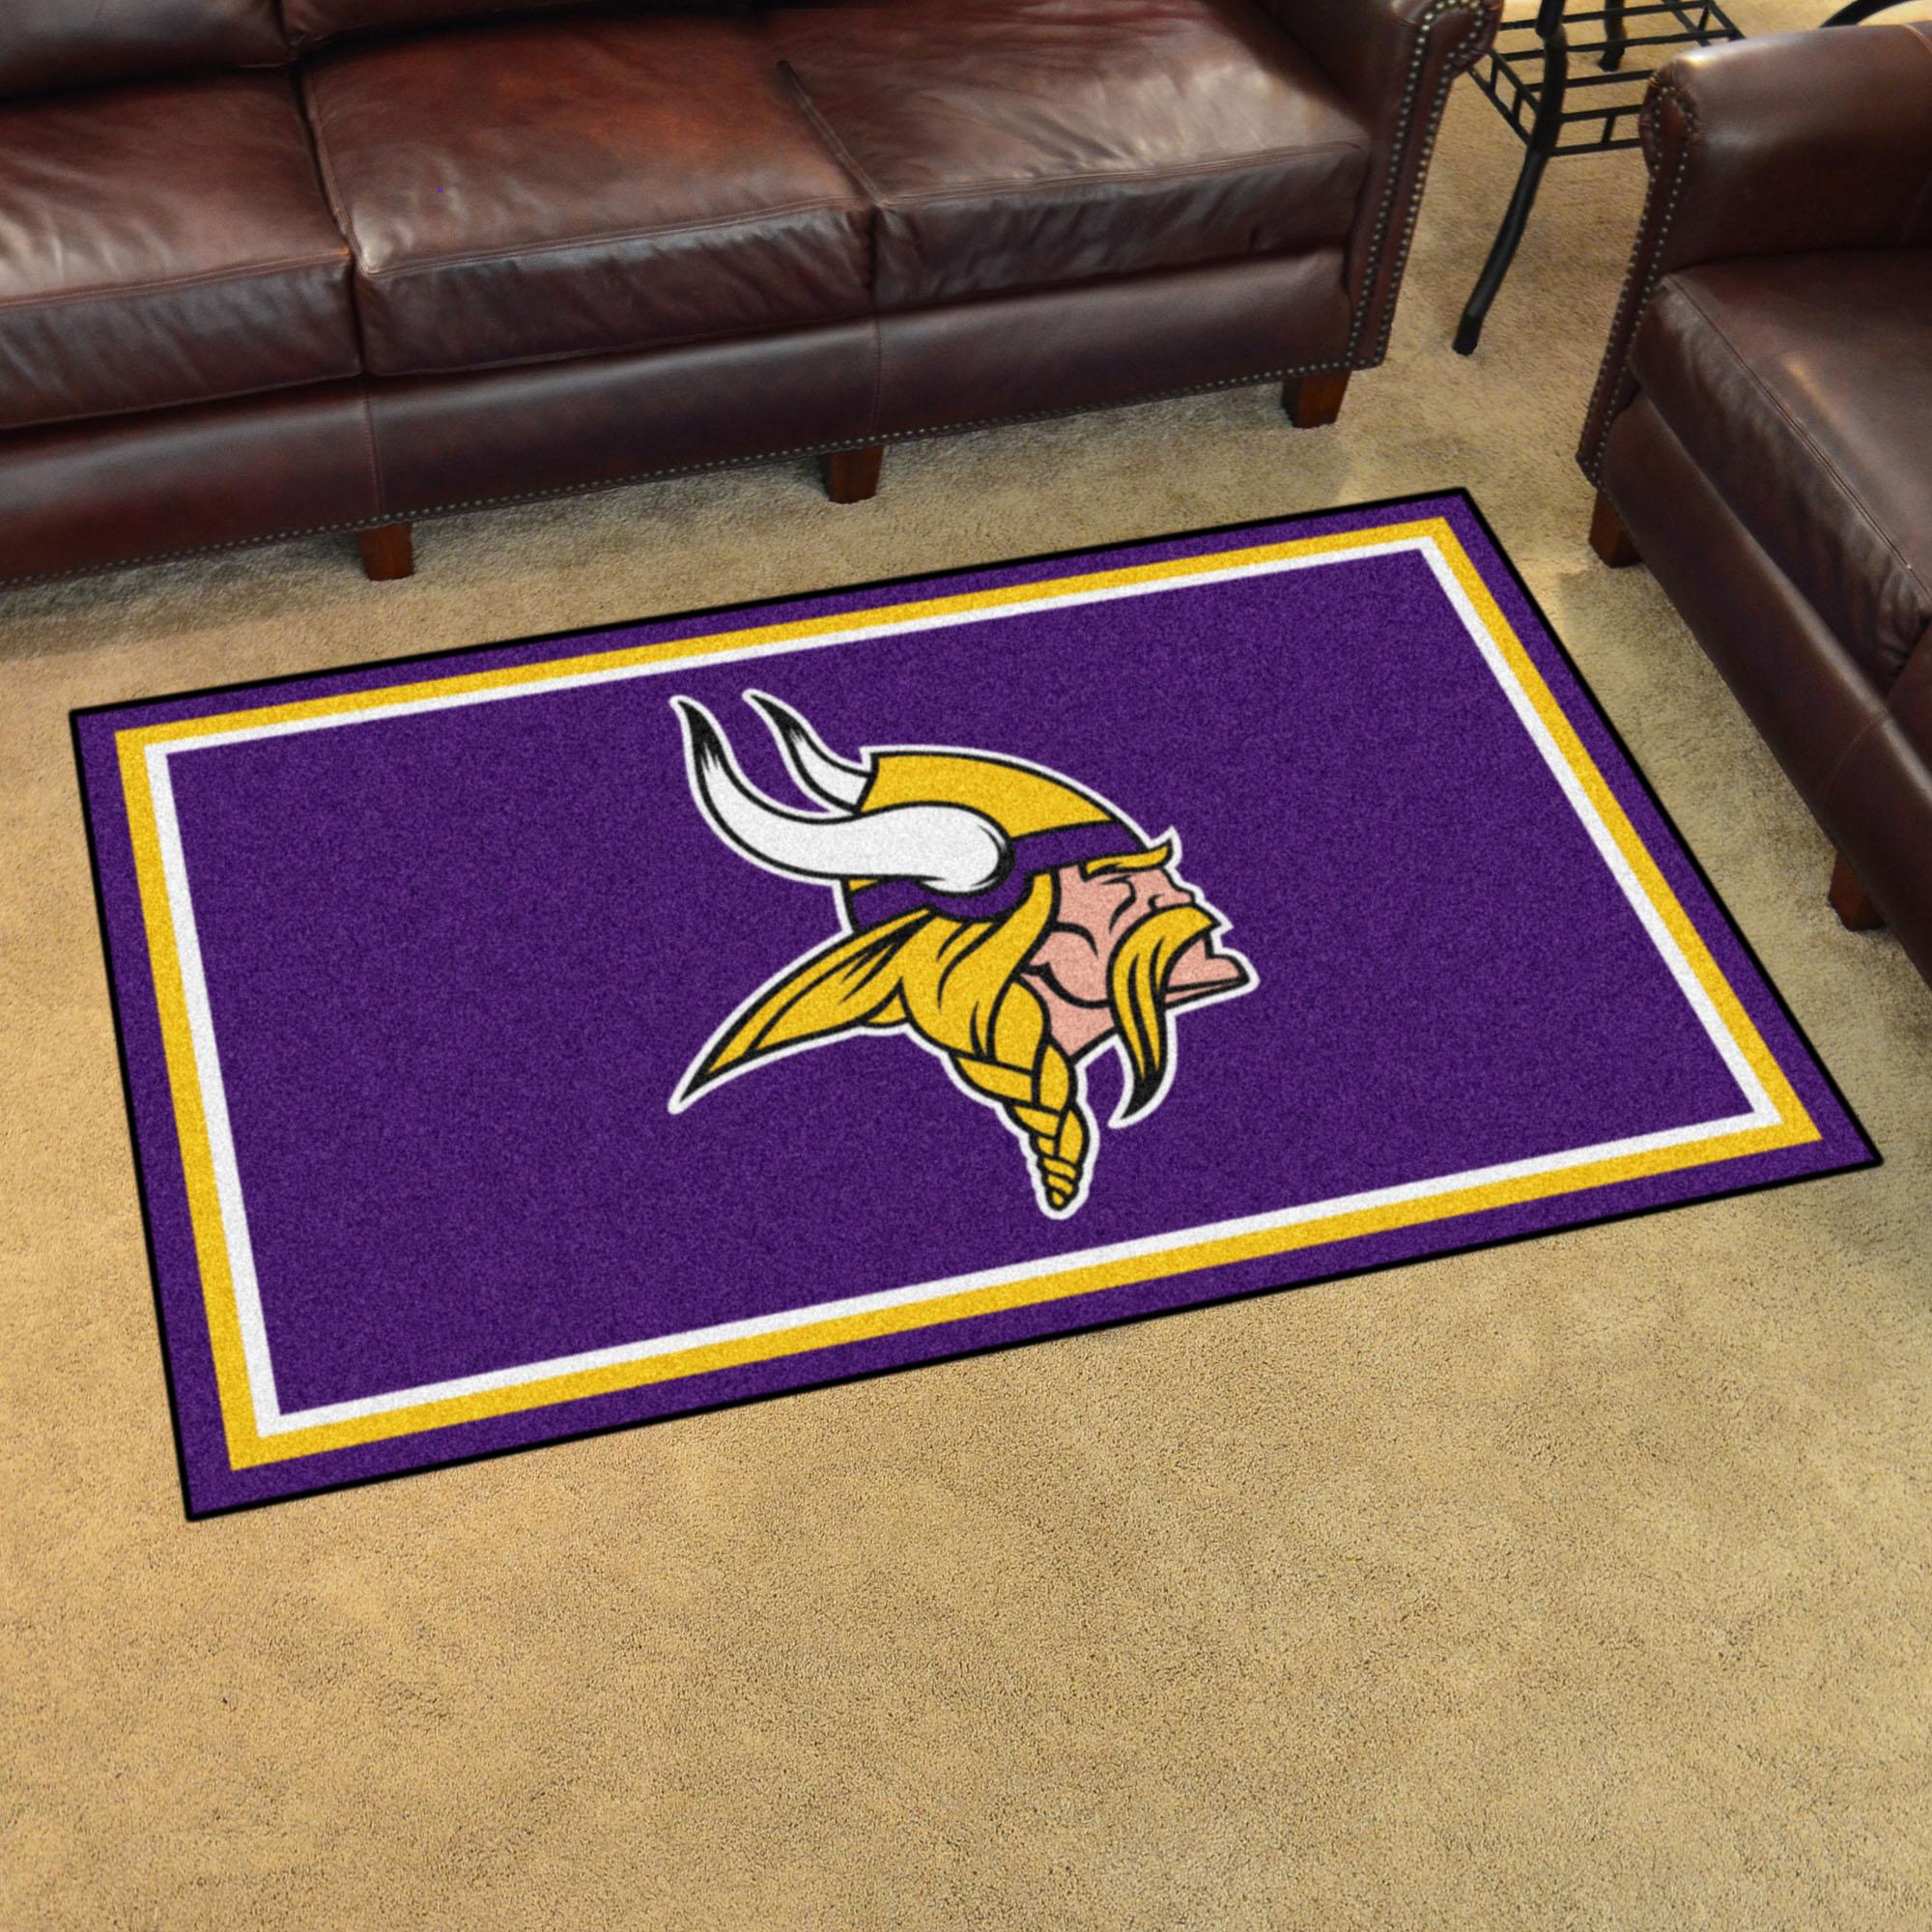 Minnesota vikings 4x6 area rug